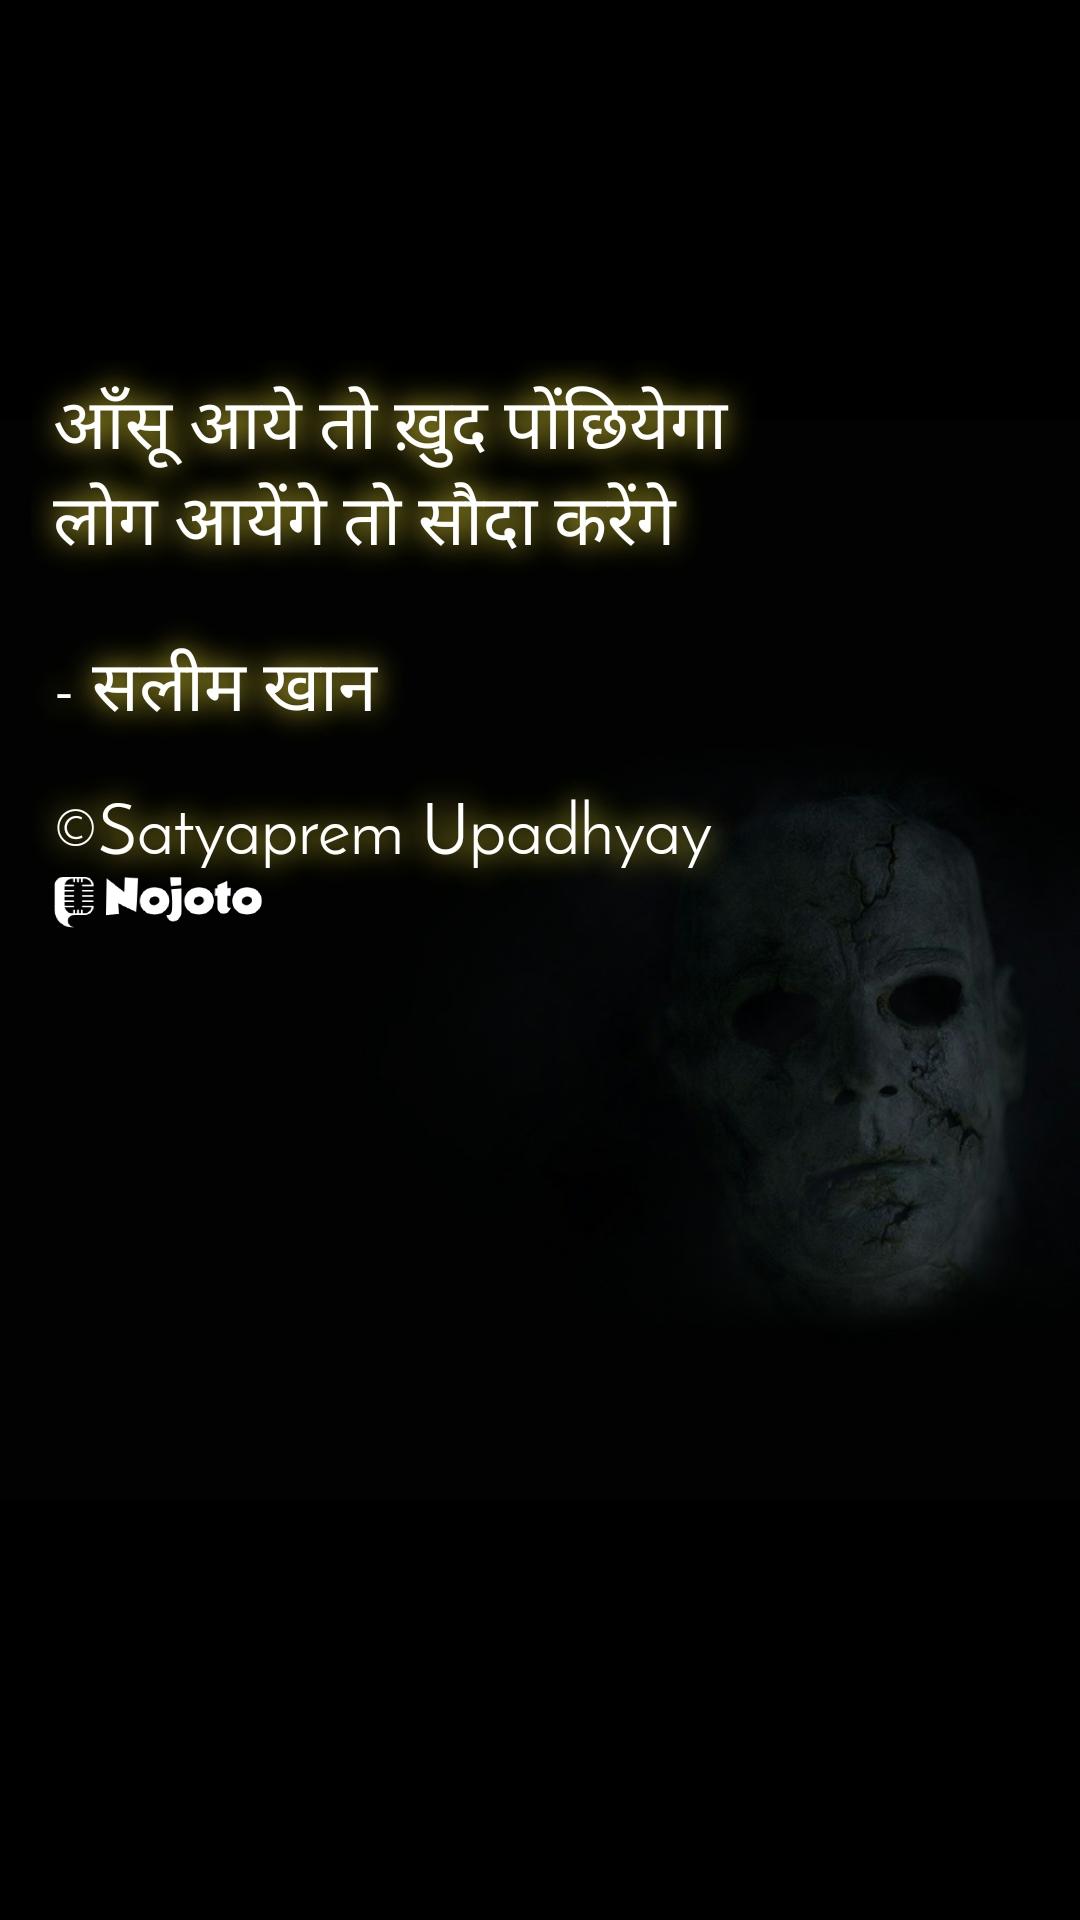 आँसू आये तो ख़ुद पोंछियेगा लोग आयेंगे तो सौदा करेंगे  - सलीम खान  ©Satyaprem Upadhyay